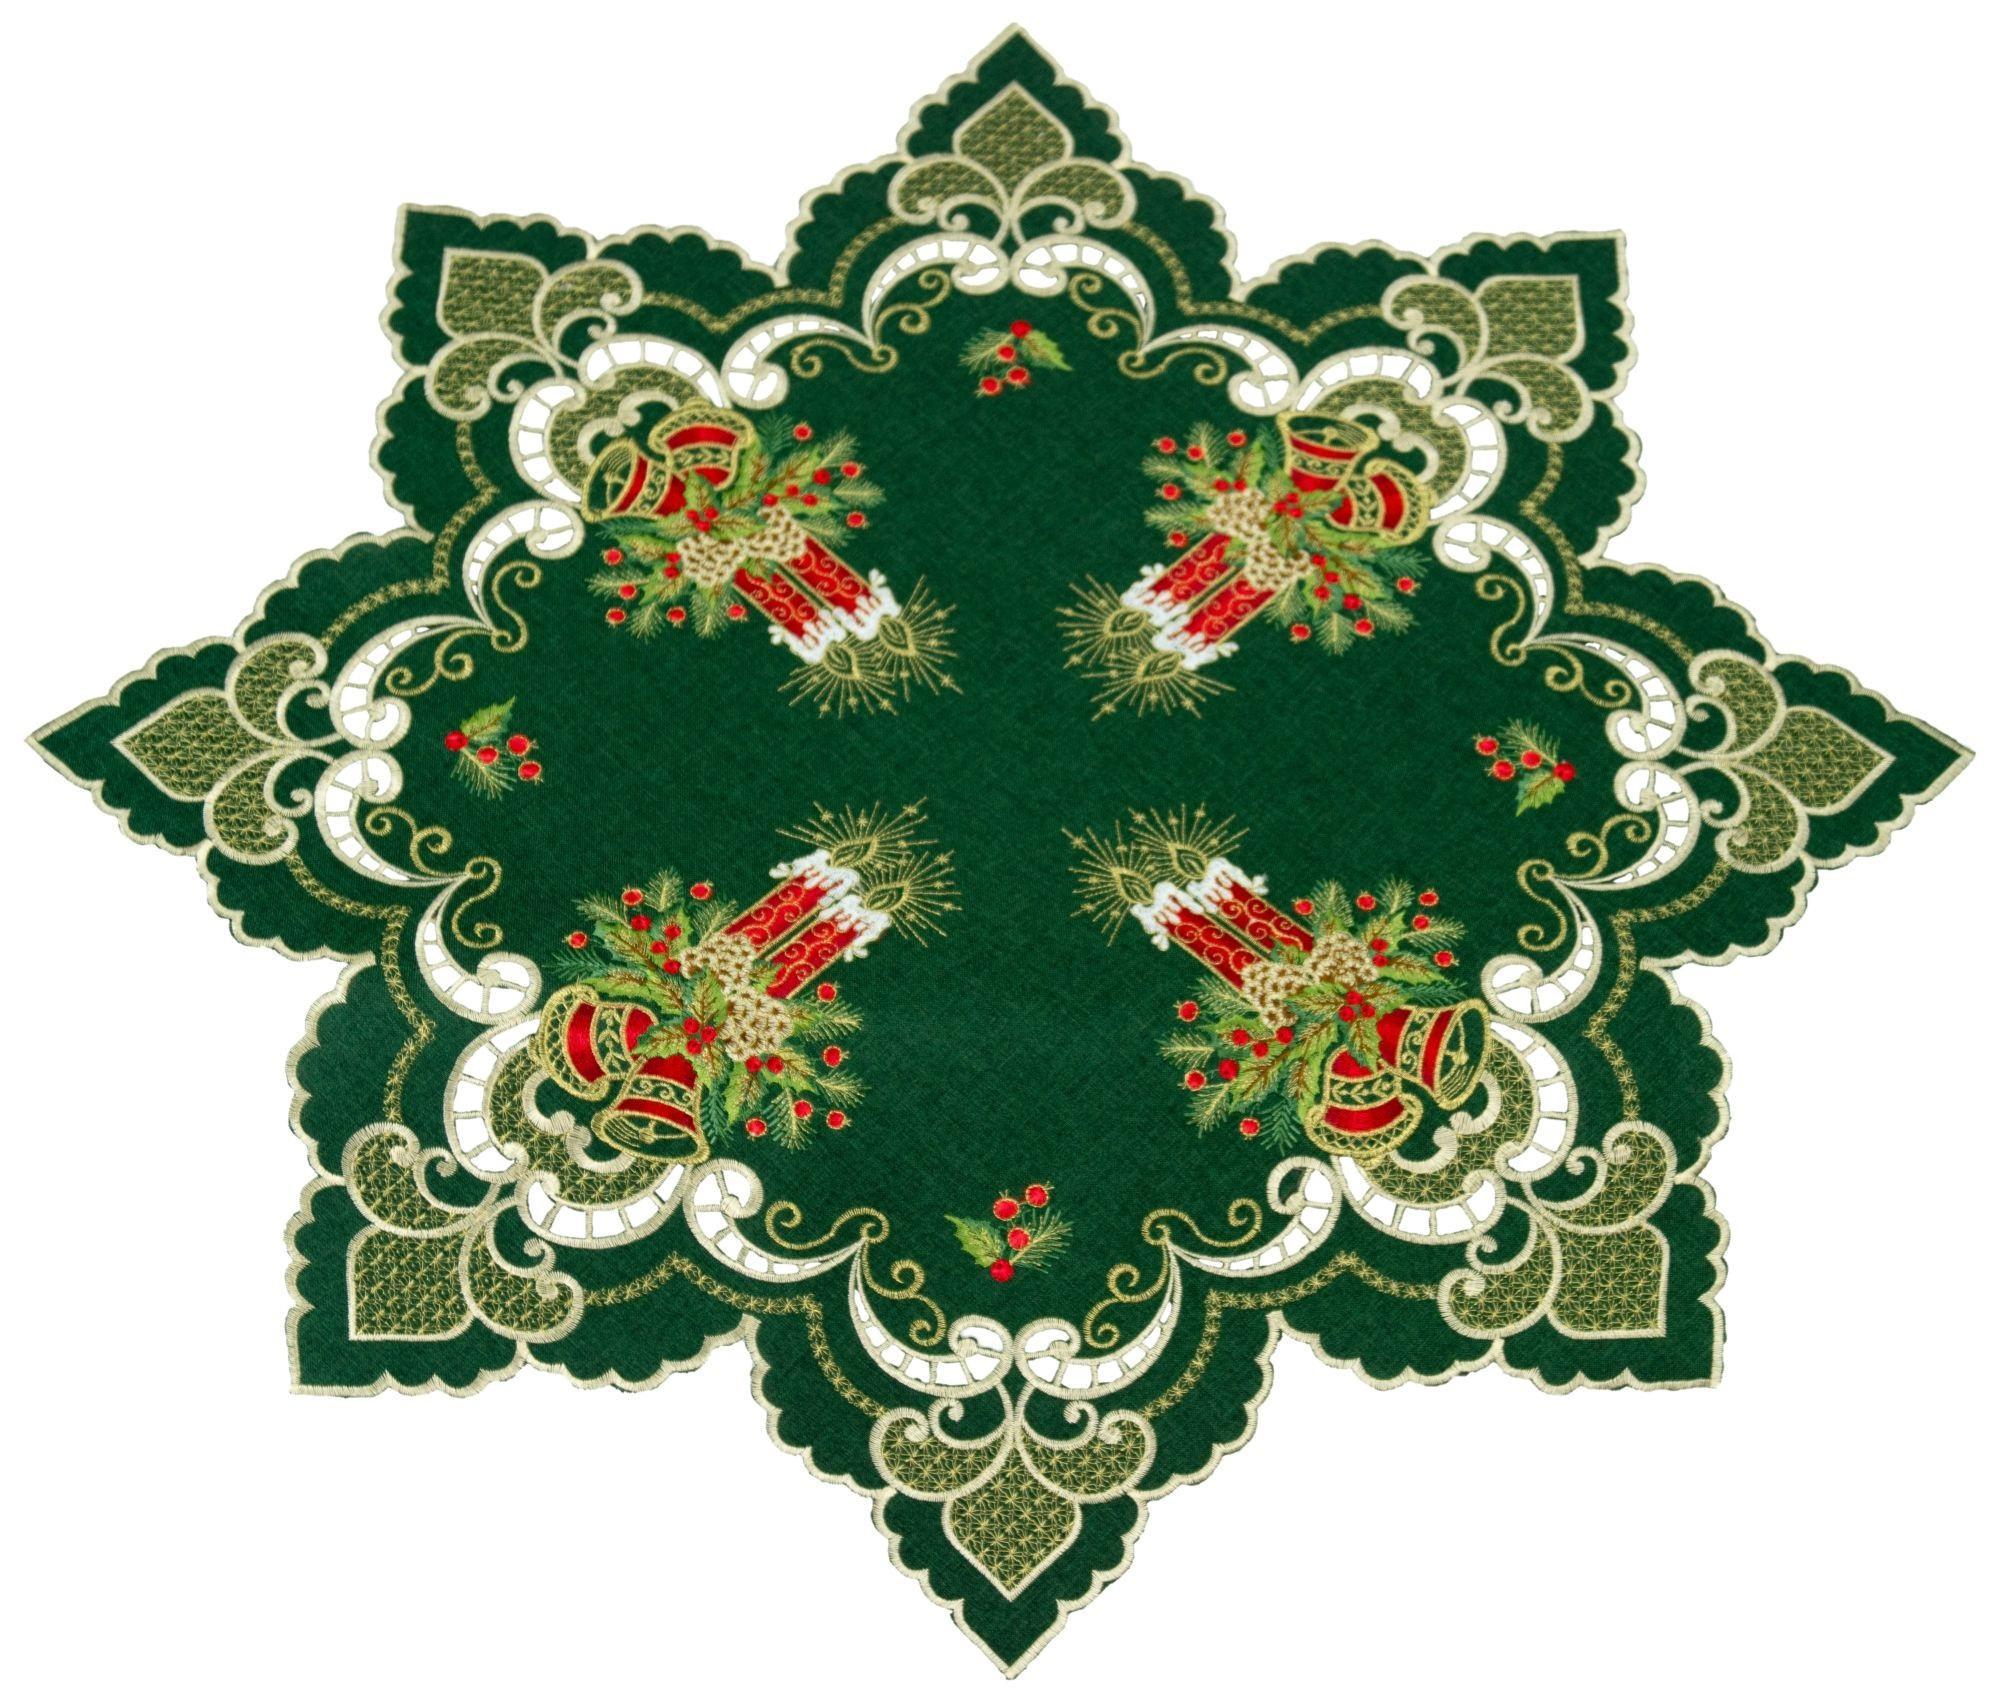 Sterne edle Tischdecke Mitteldecke rund 80 cm Weihnachten TOP